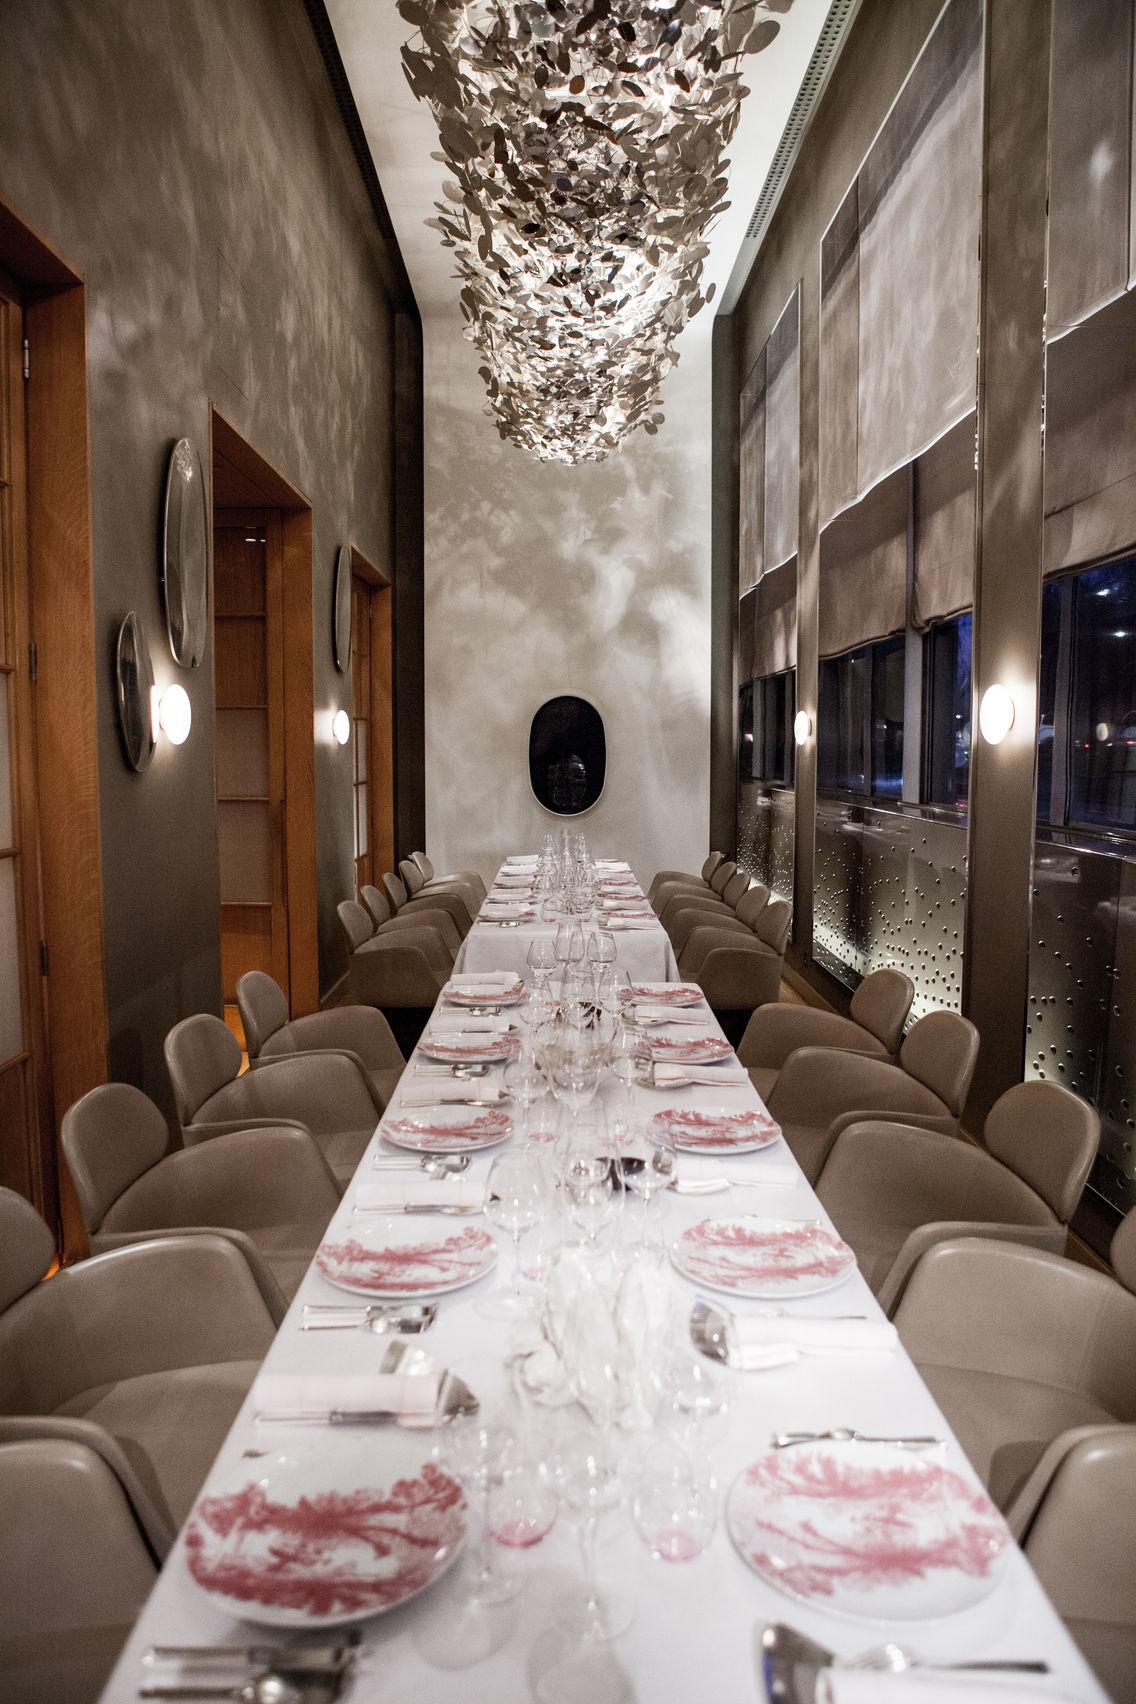 Salon Park Lane (dinner), Alain Ducasse at The Dorchester